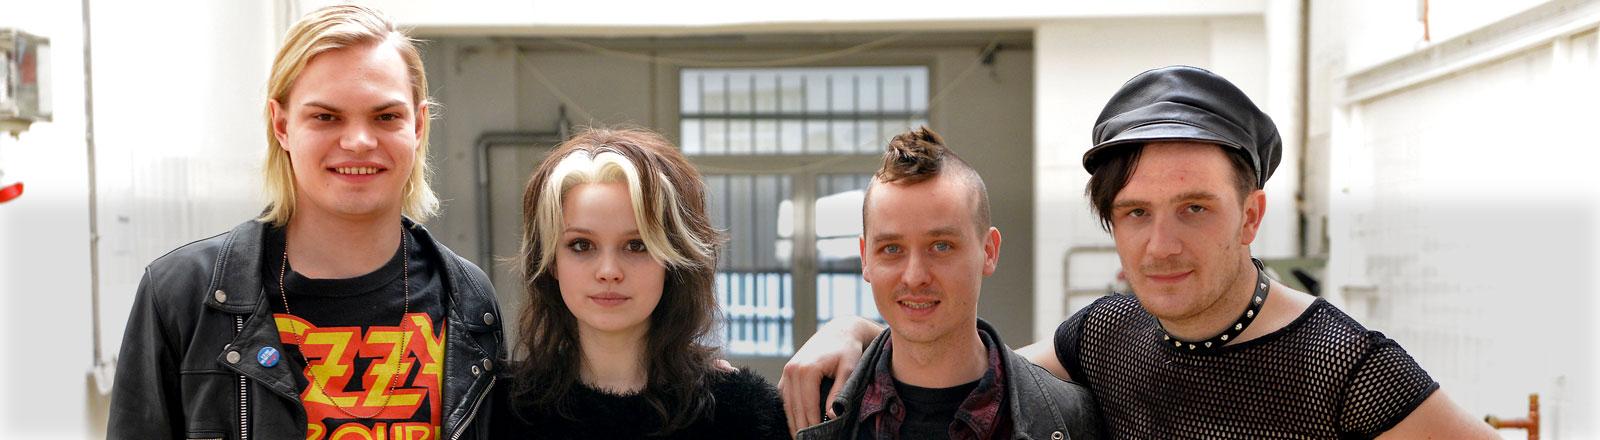 Die Schauspieler Wilson Gonzalez Ochsenknecht (l-r), Emilia Schüle, Tom Schilling und Frederick Lau (l-r) posieren bei Dreharbeiten zum Kinofilm «Tod den Hippies, es lebe der Punk» am 07.03.2014 in Köln